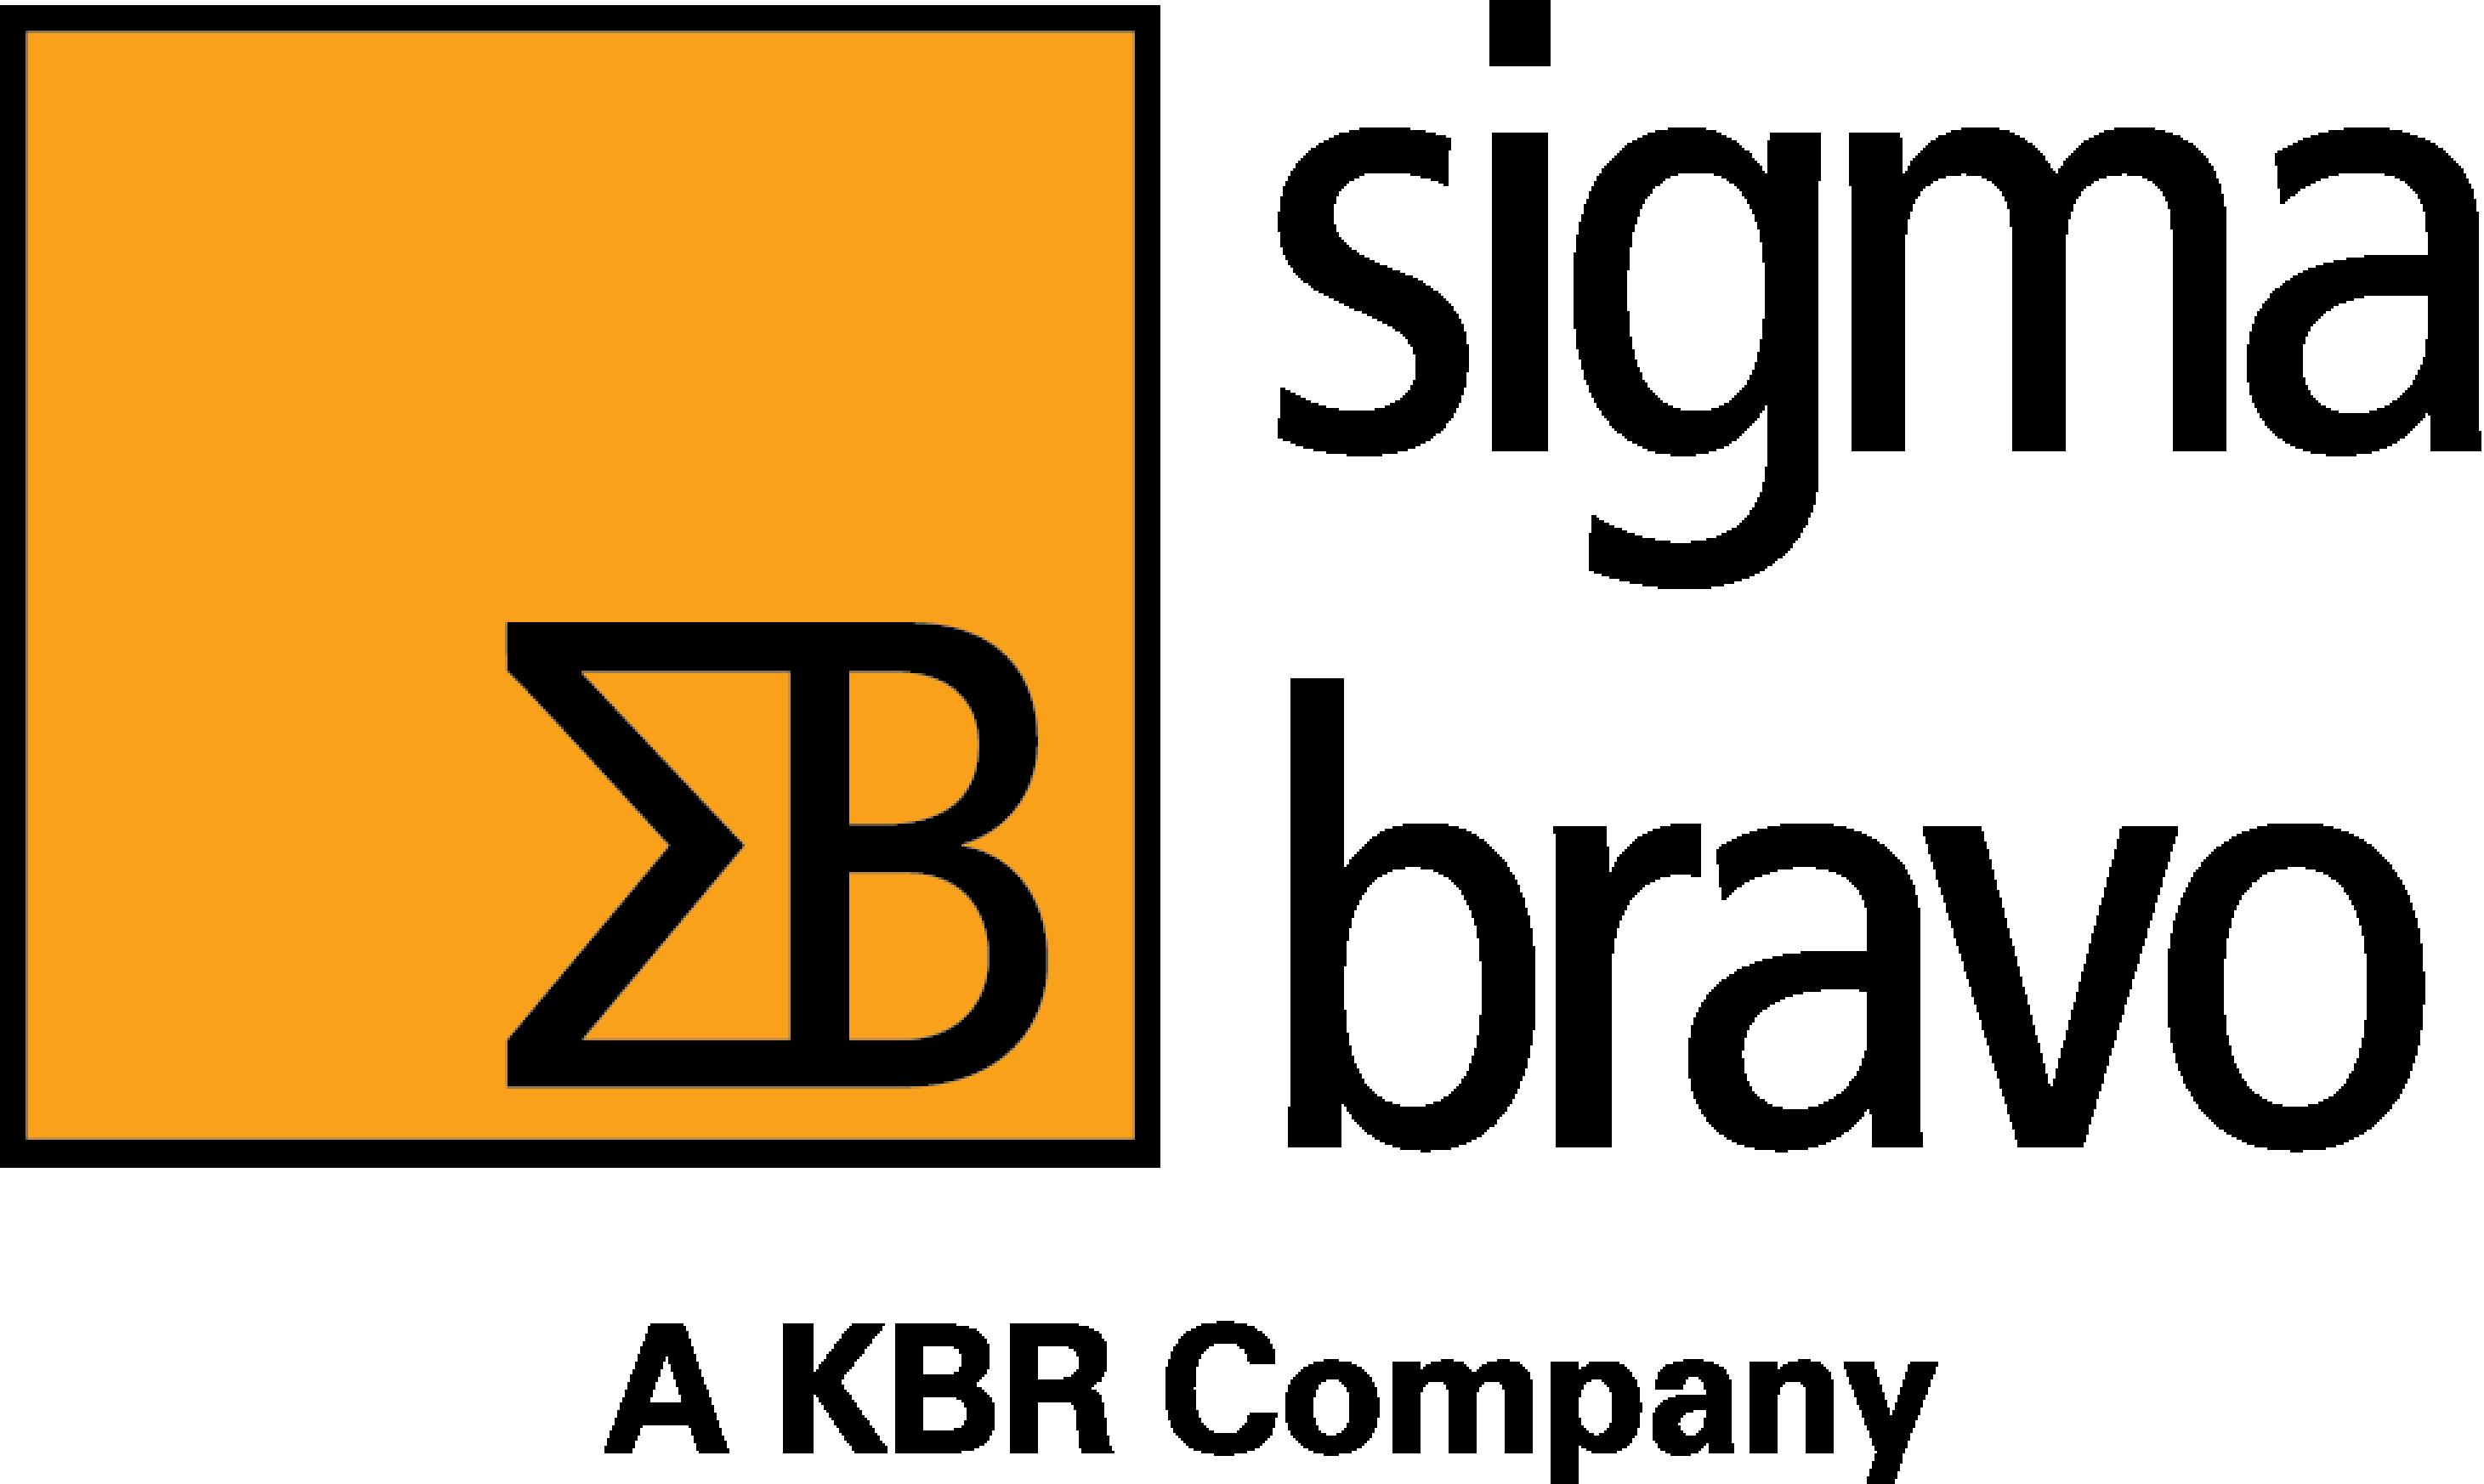 Sigma Bravo – A KBR Company